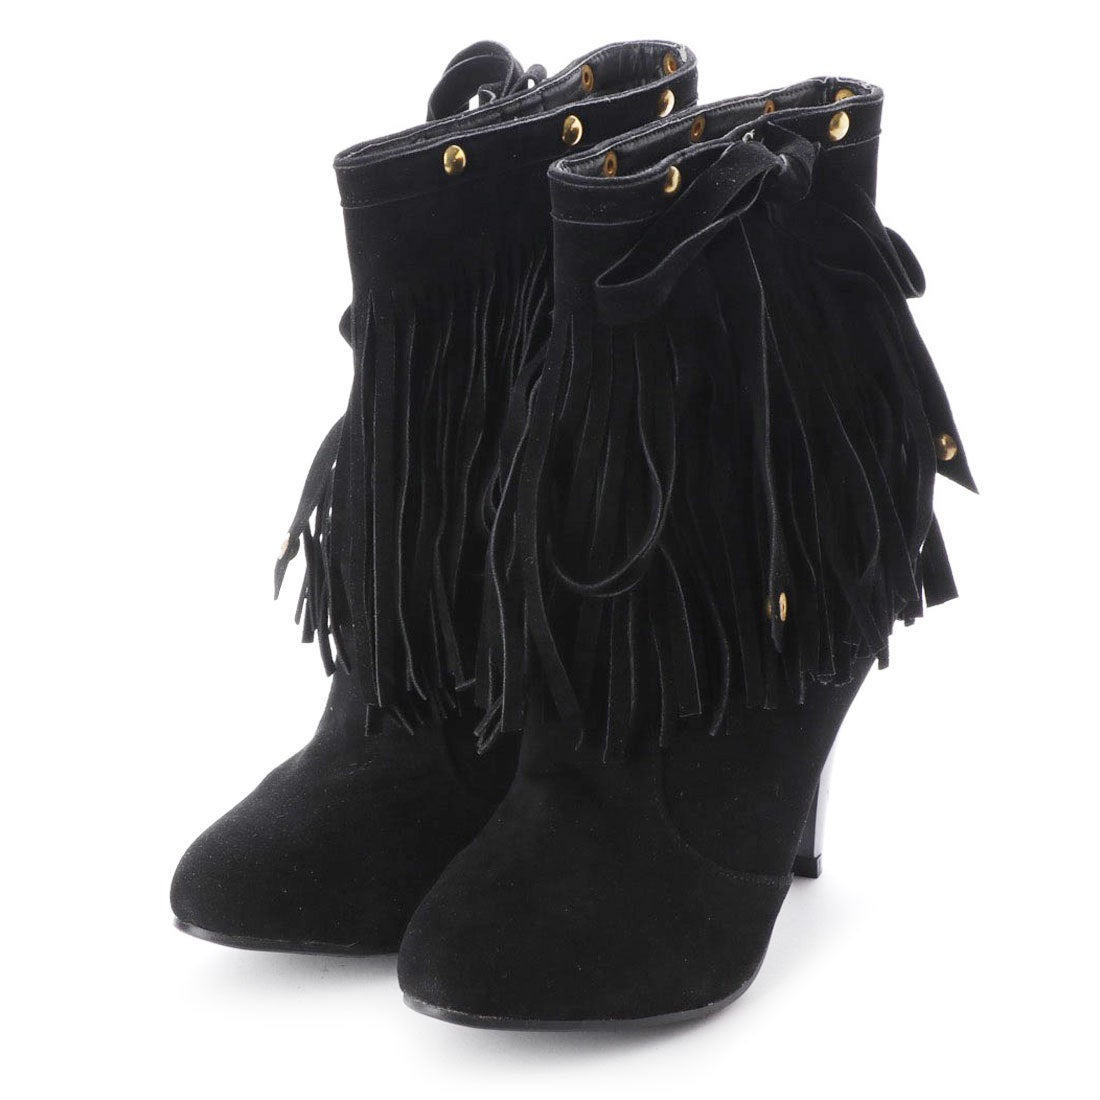 ロコンド 靴とファッションの通販サイトスタイルブロック STYLEBLOCK ウエスタンフリンジショートブーツ (ブラック)